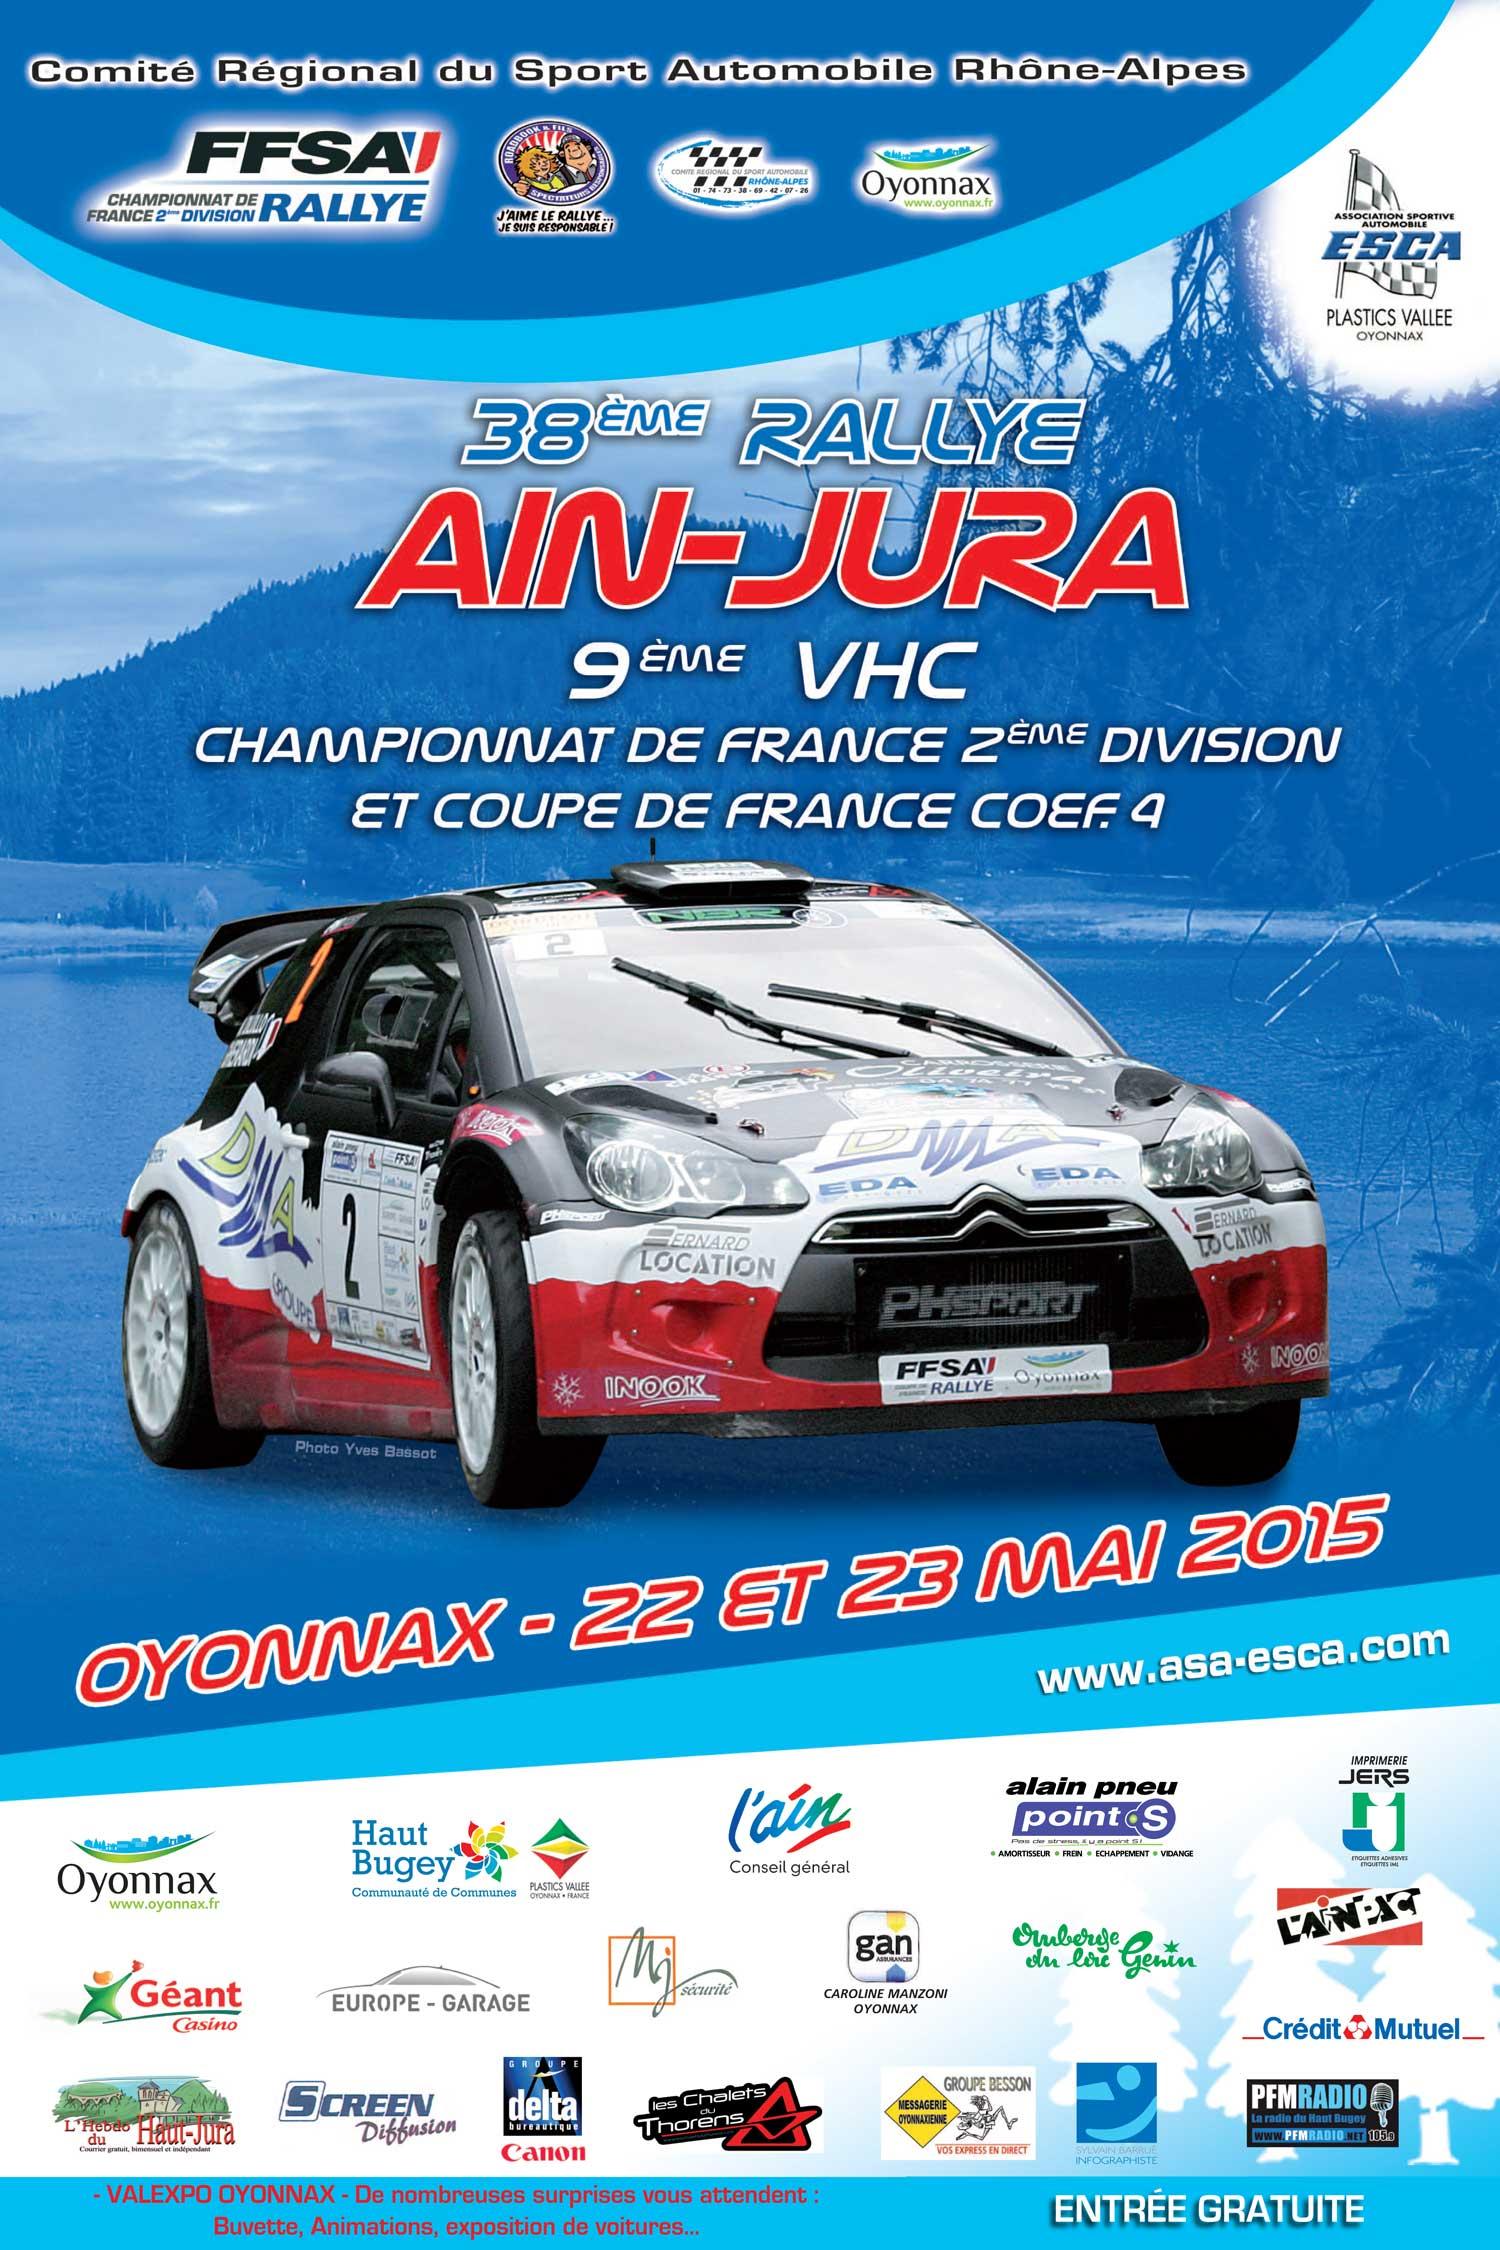 Rallye Ain Jura 2015